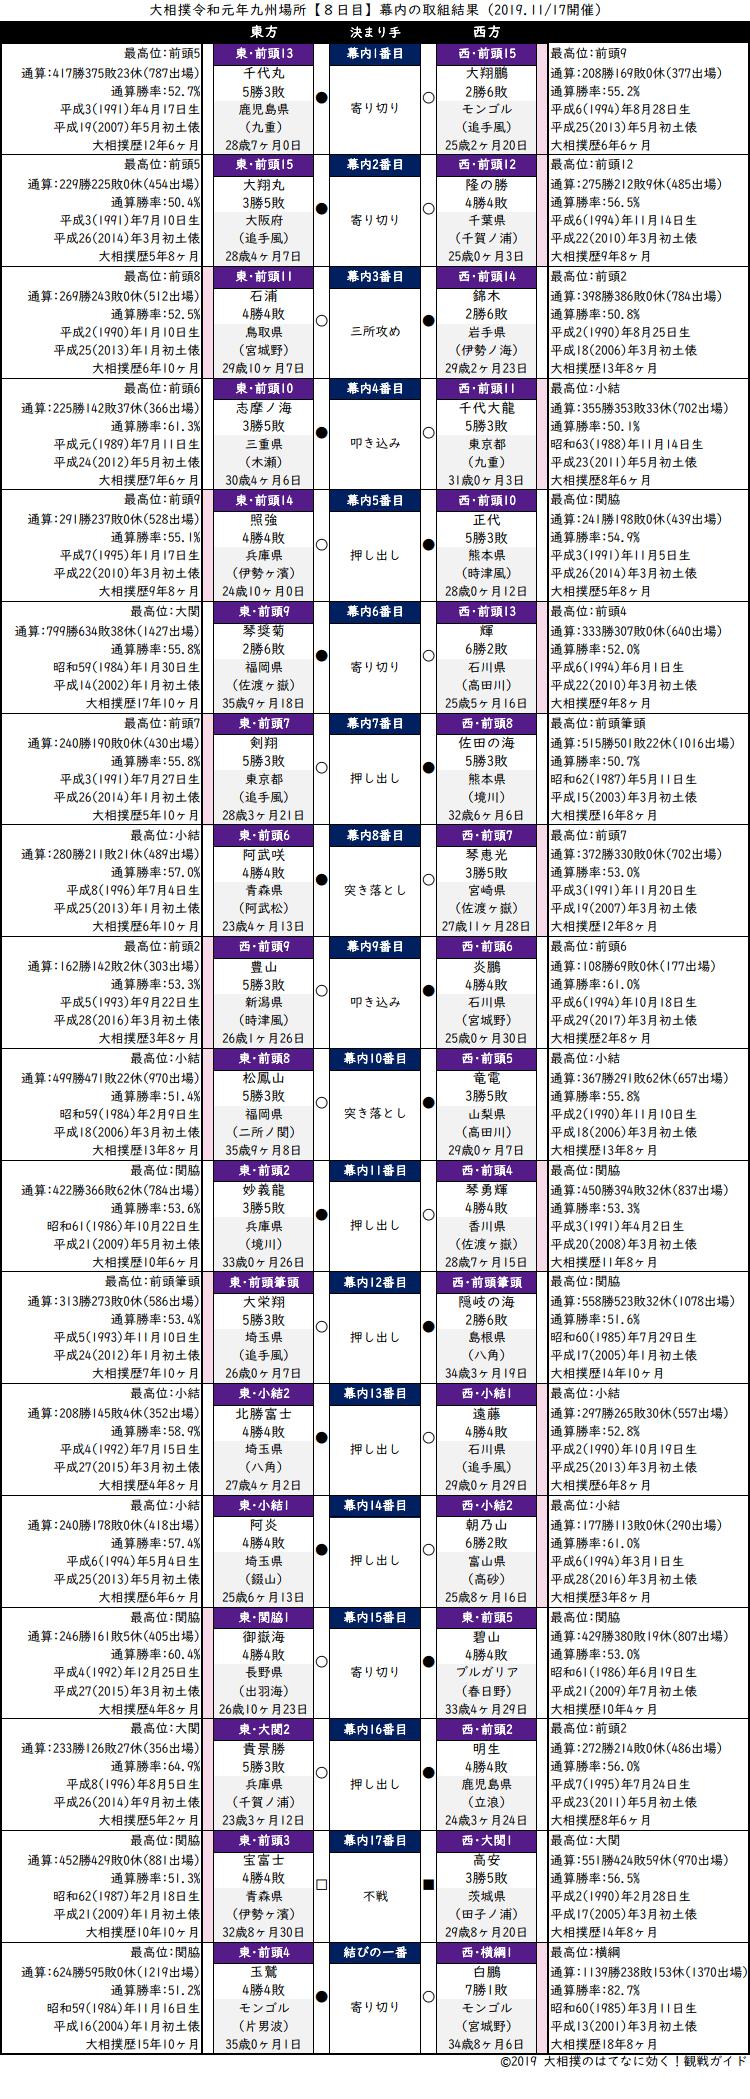 大相撲・2019年11月場所8日目・幕内の取組結果